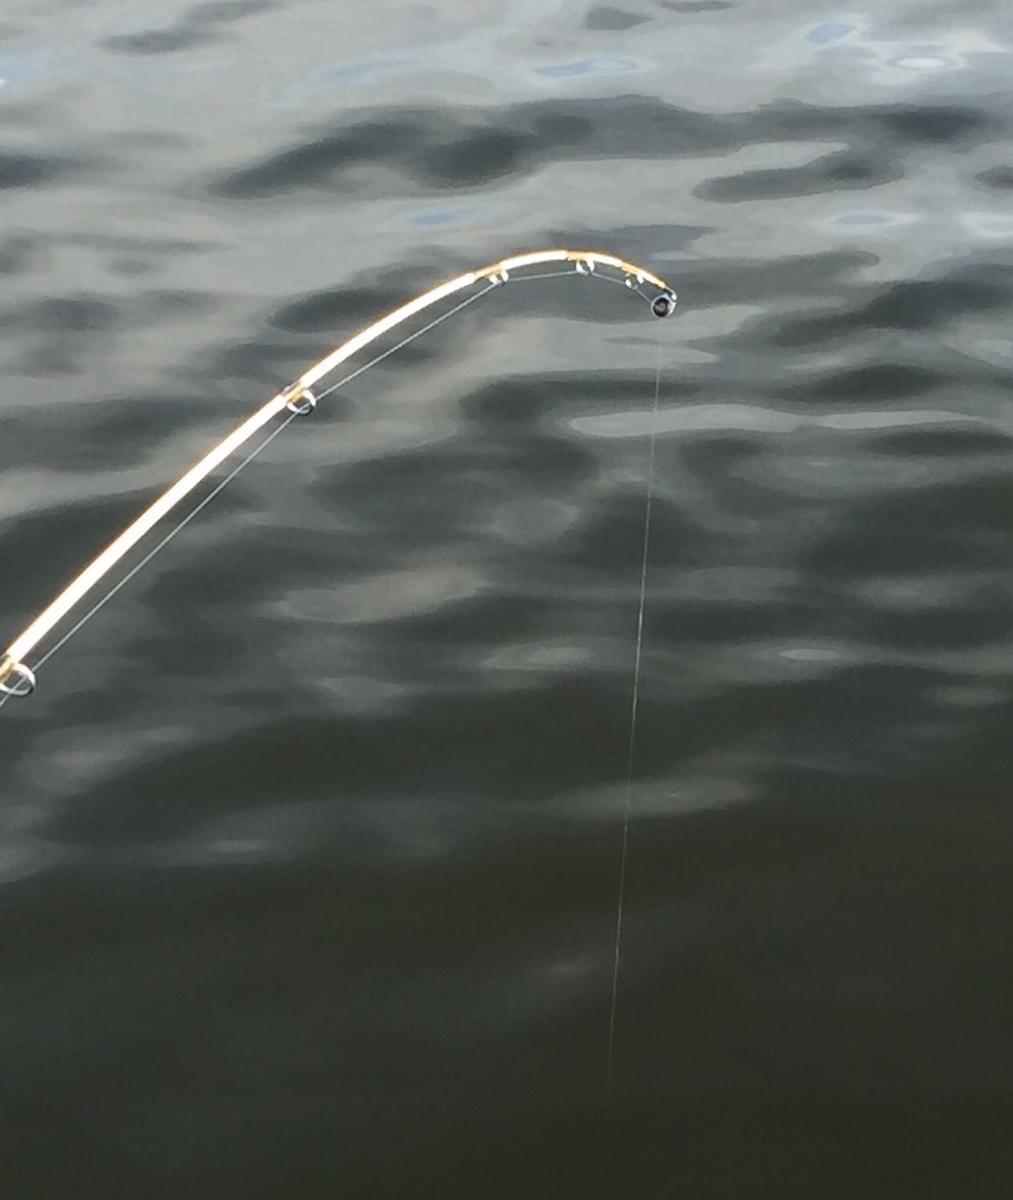 f:id:stormfish:20191109142514j:plain